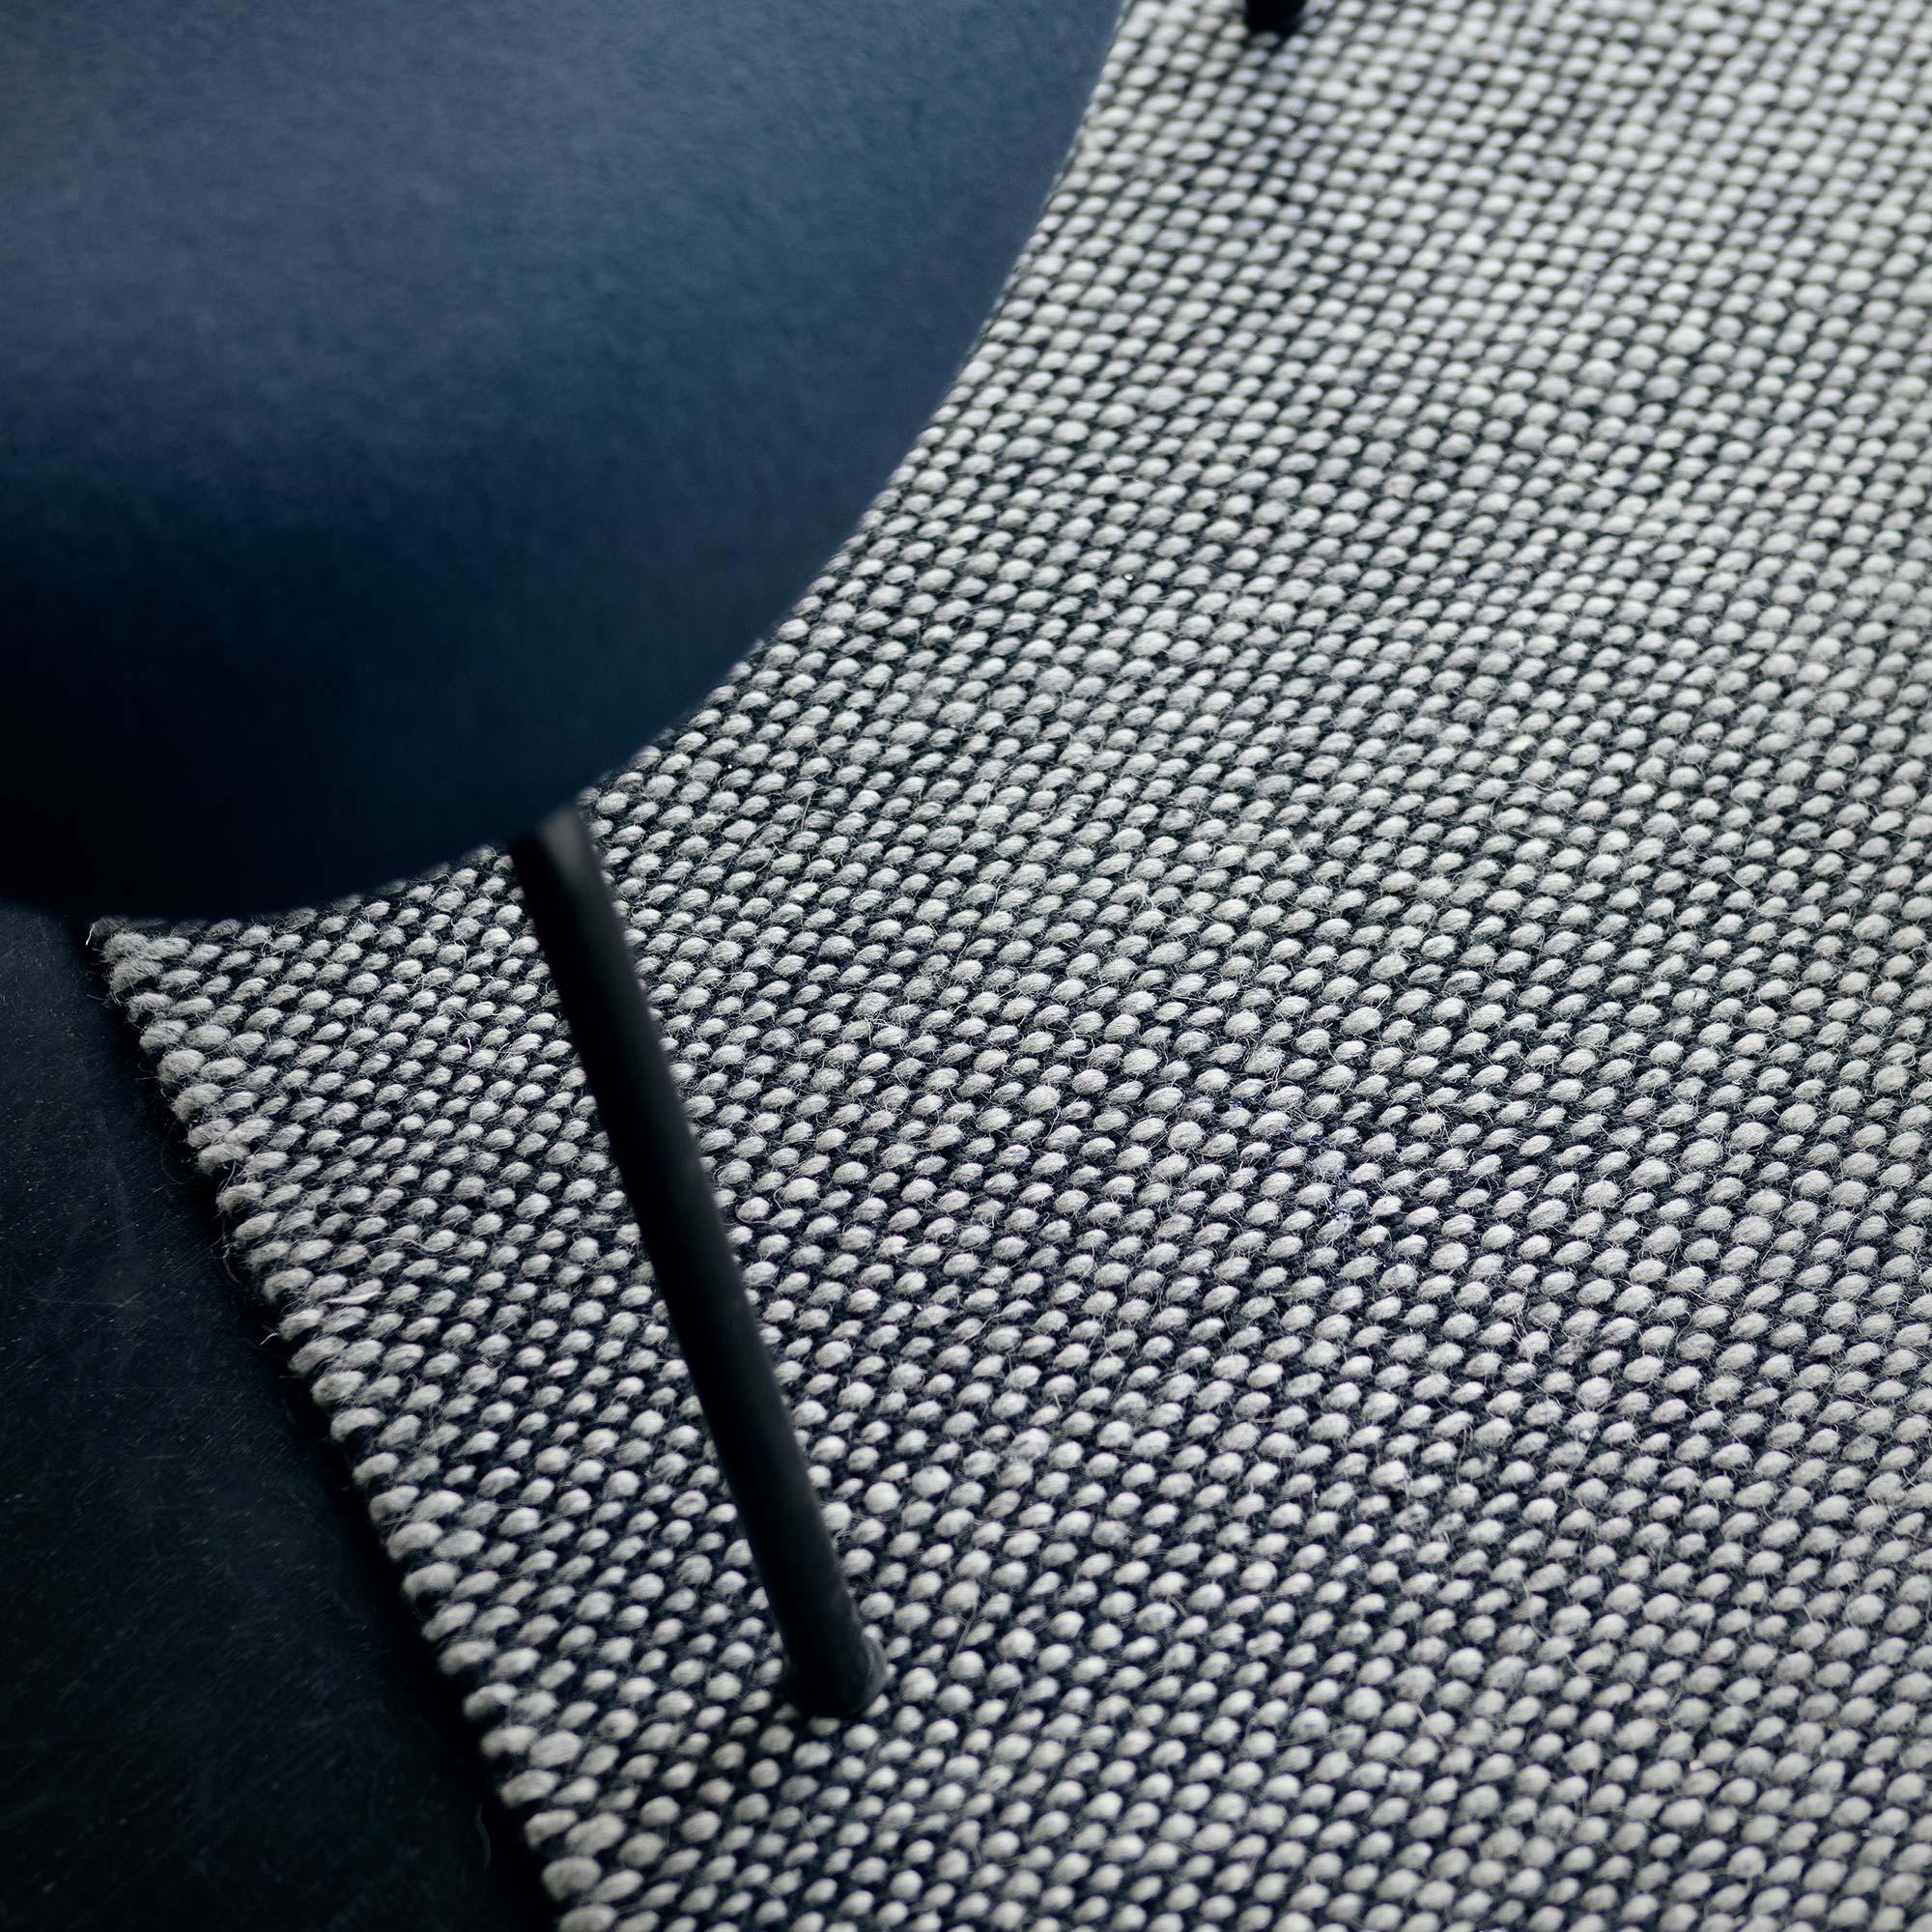 04_accessoires_teppich_Fabula_Rolf_Rug_Grey_Black_Wool_Hand-woven_1615_A2_300dpi_Medium.jpg